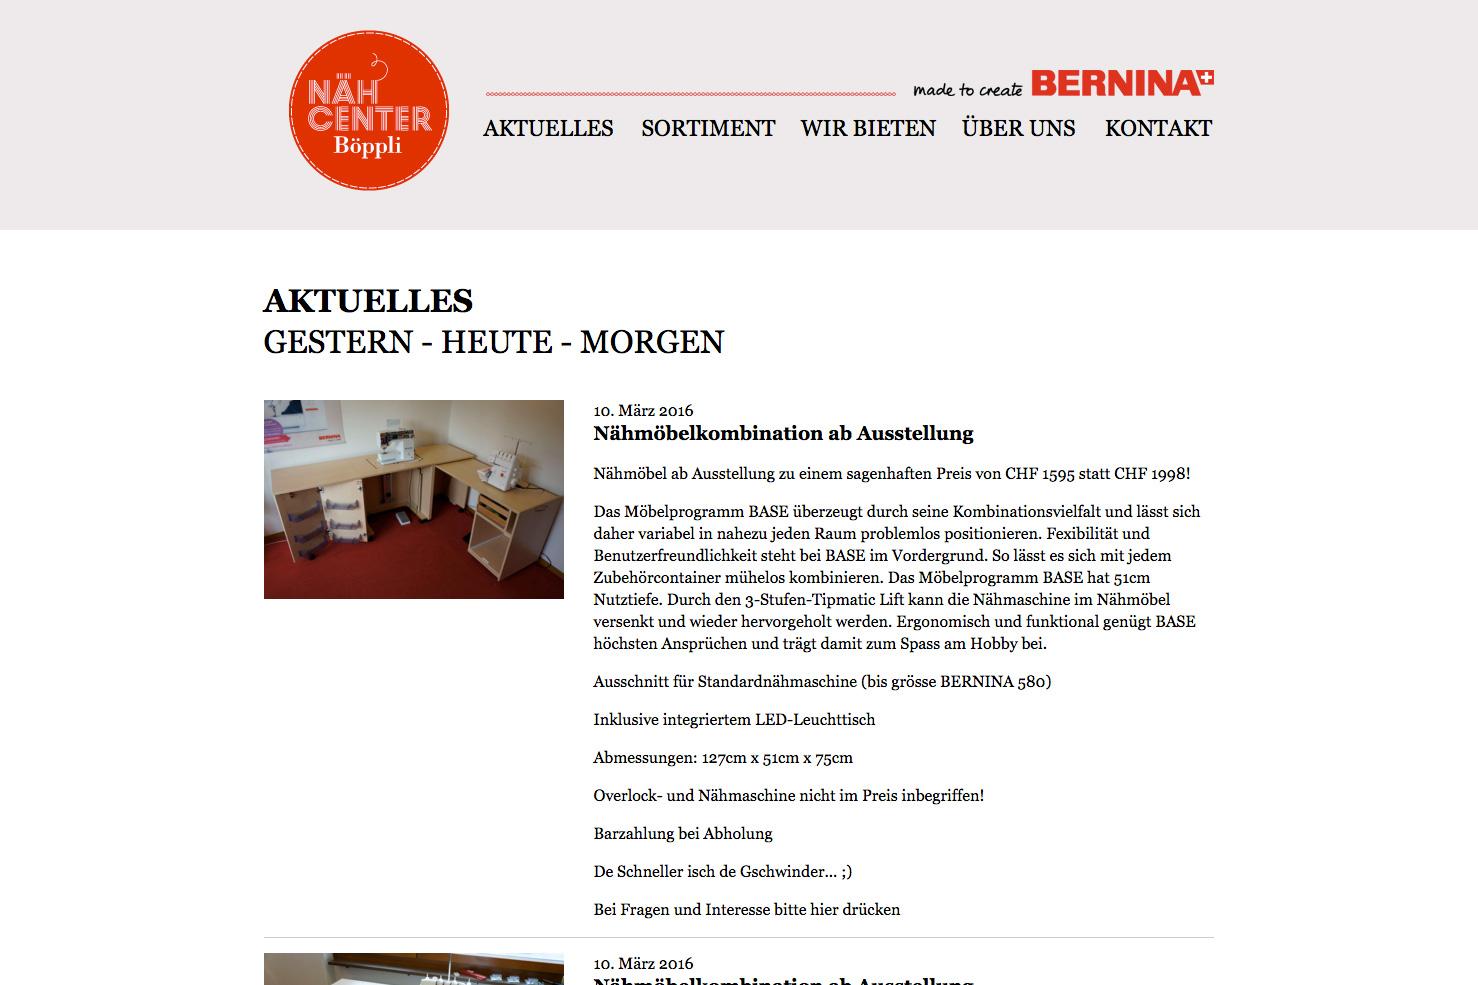 Bild 2 vom Böppli Nähcenter Webseite